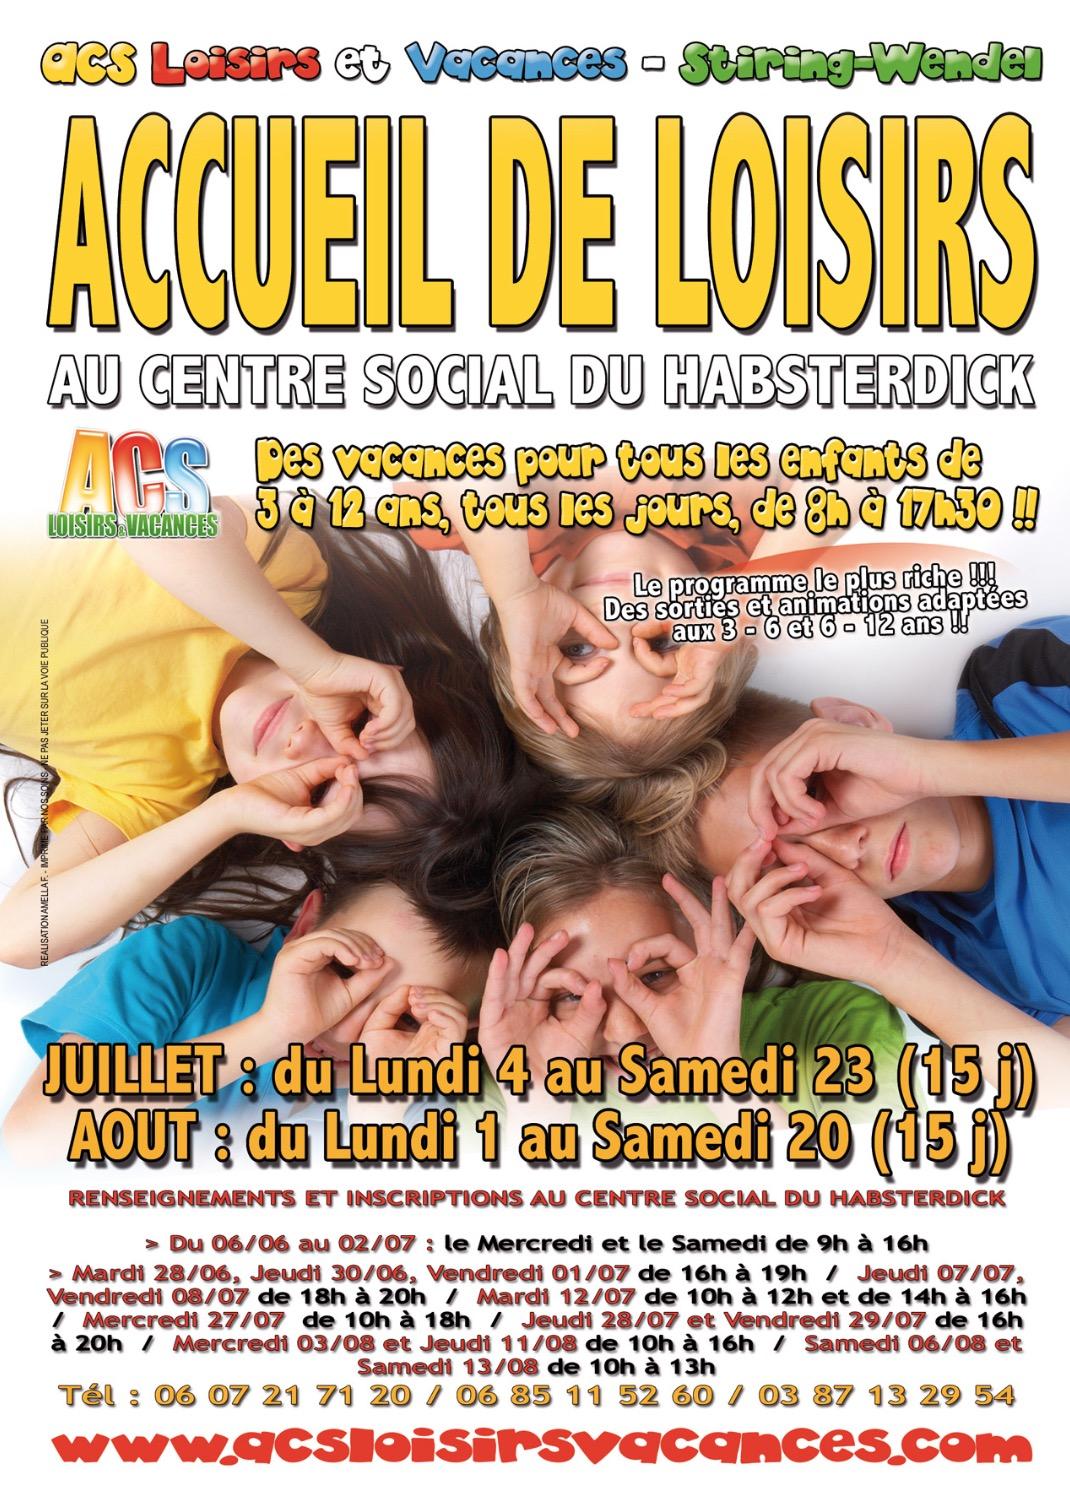 Tract des Accueil de Loisirs été 2011